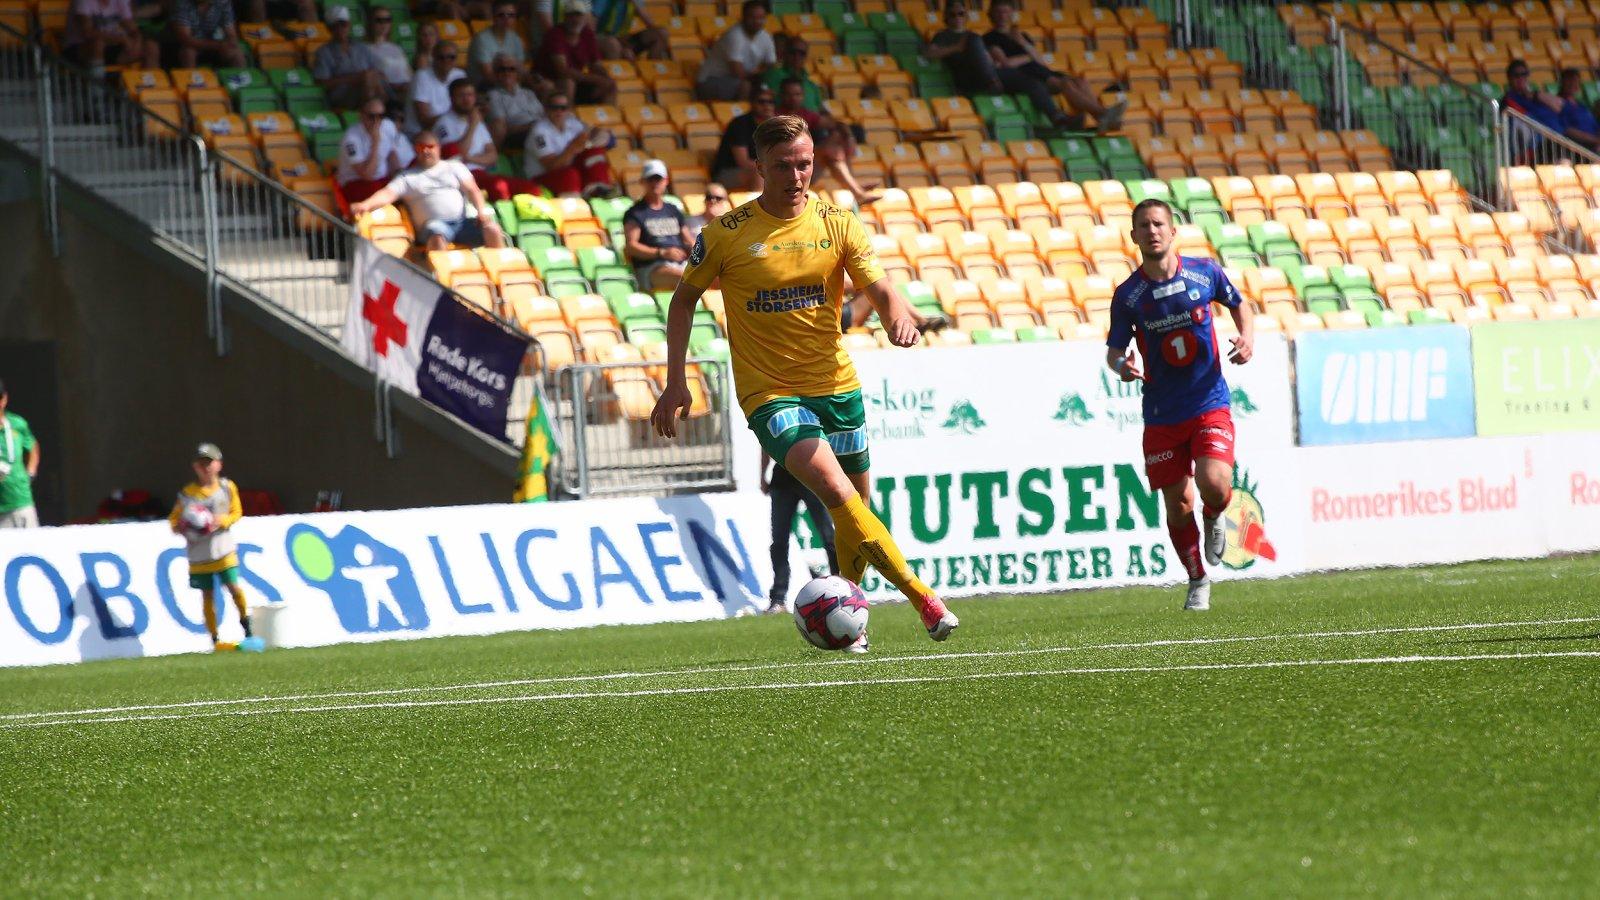 Ole Andreas Nesset med ballen i kampen mot Tromsdalen i den 11. serierunden på Jessheim stadion. FOTO: Bjørn Hytjanstorp